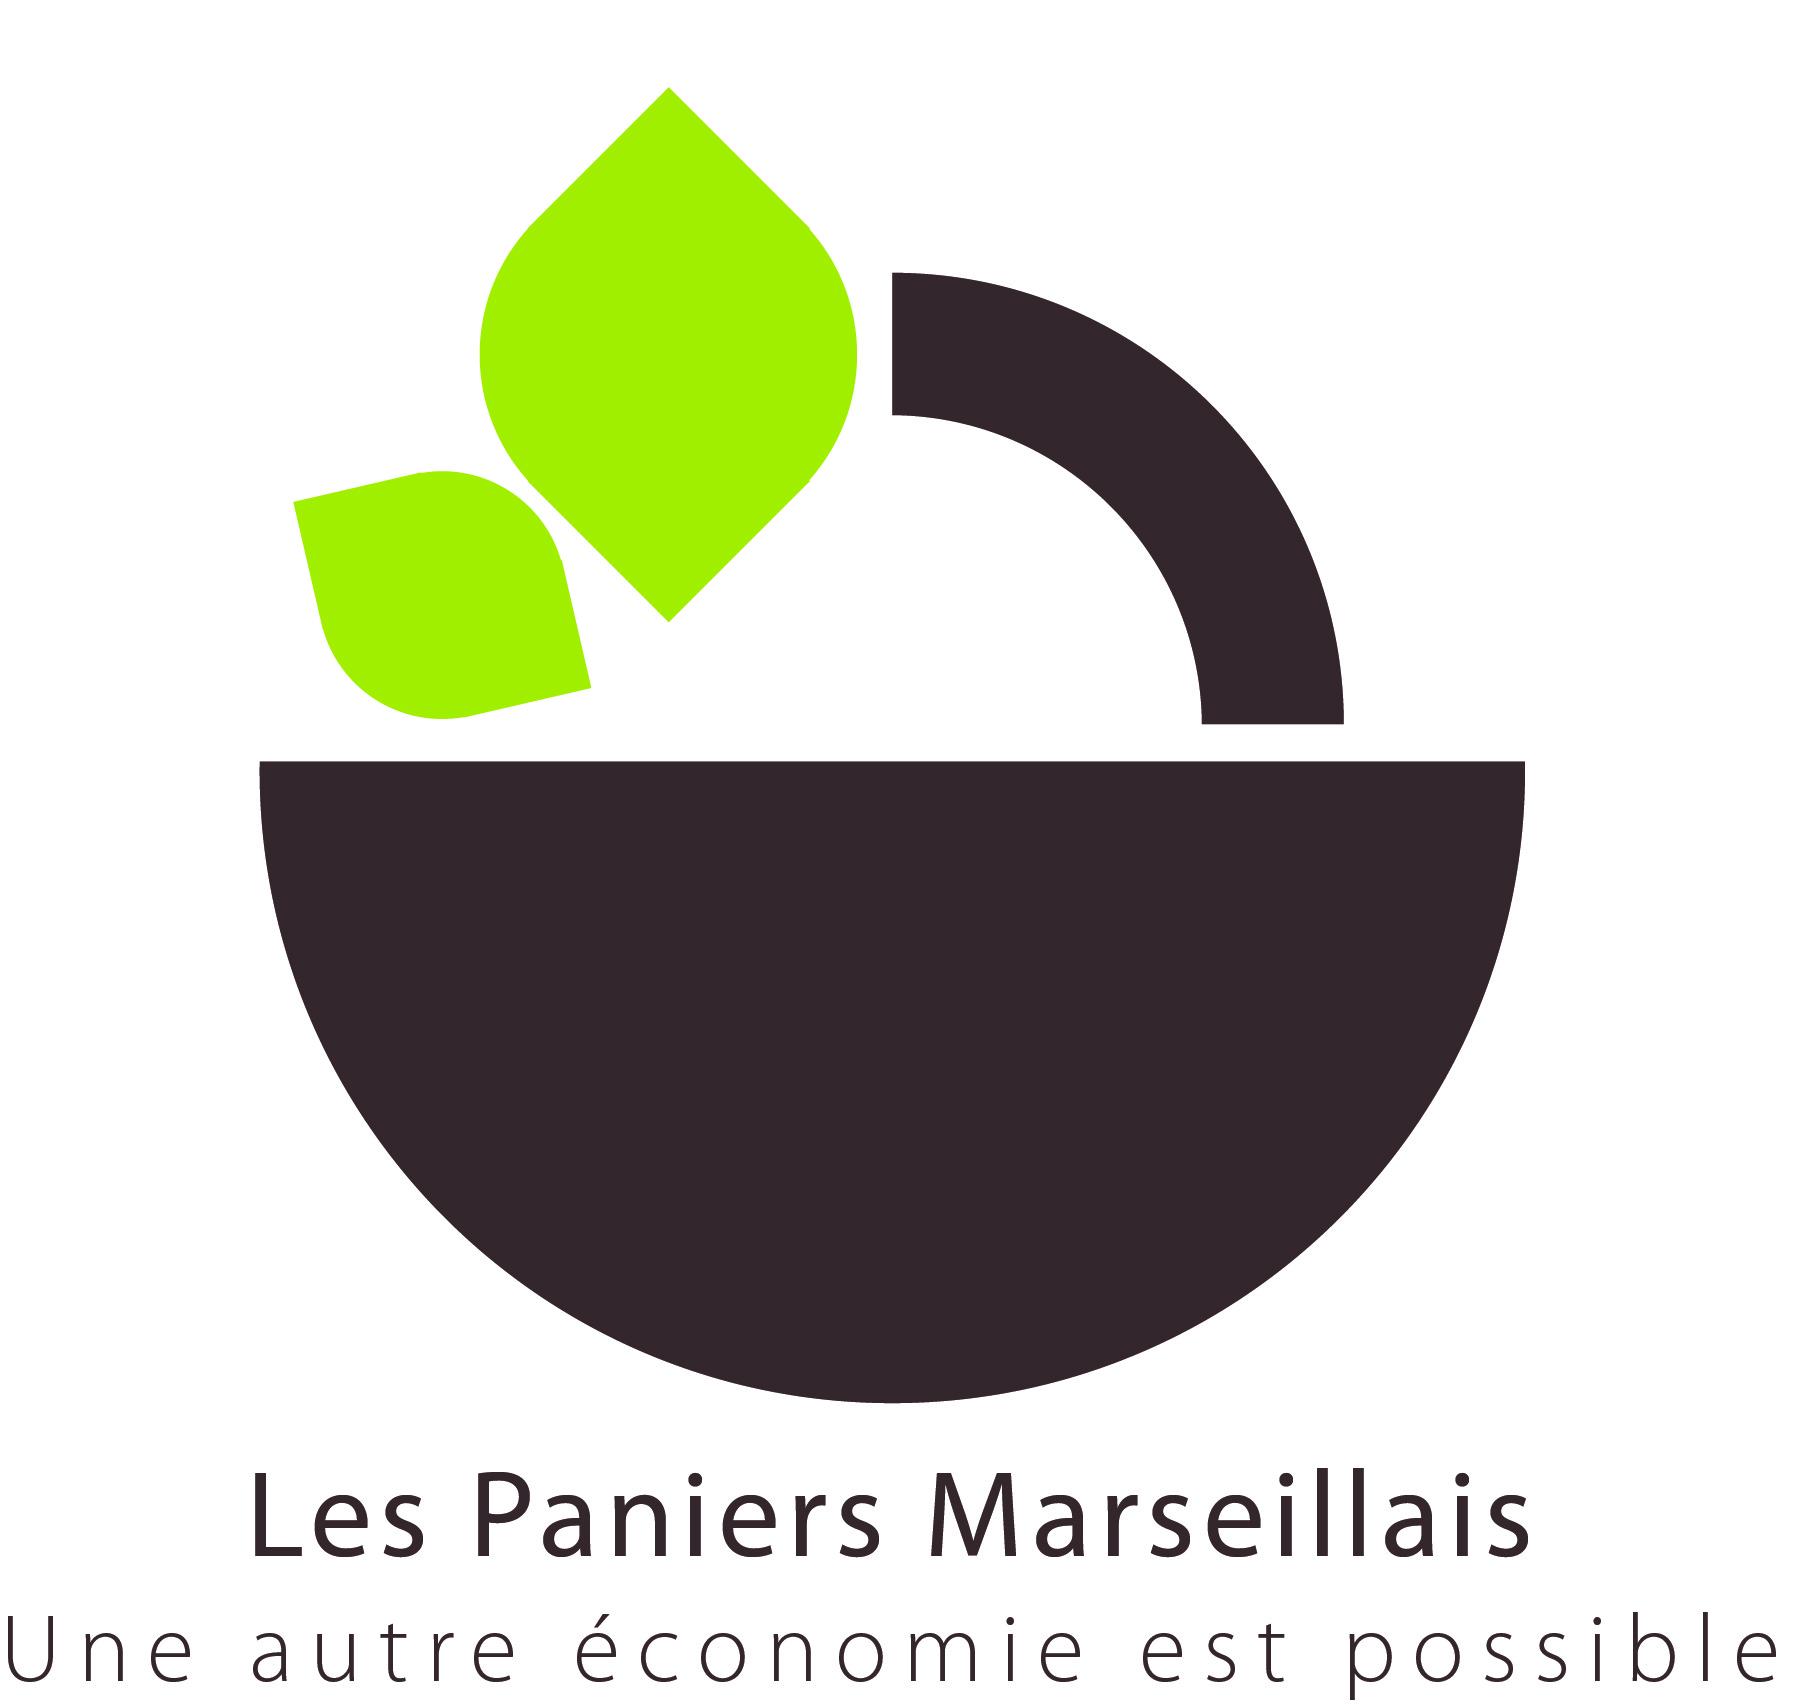 Les Paniers Marseillais